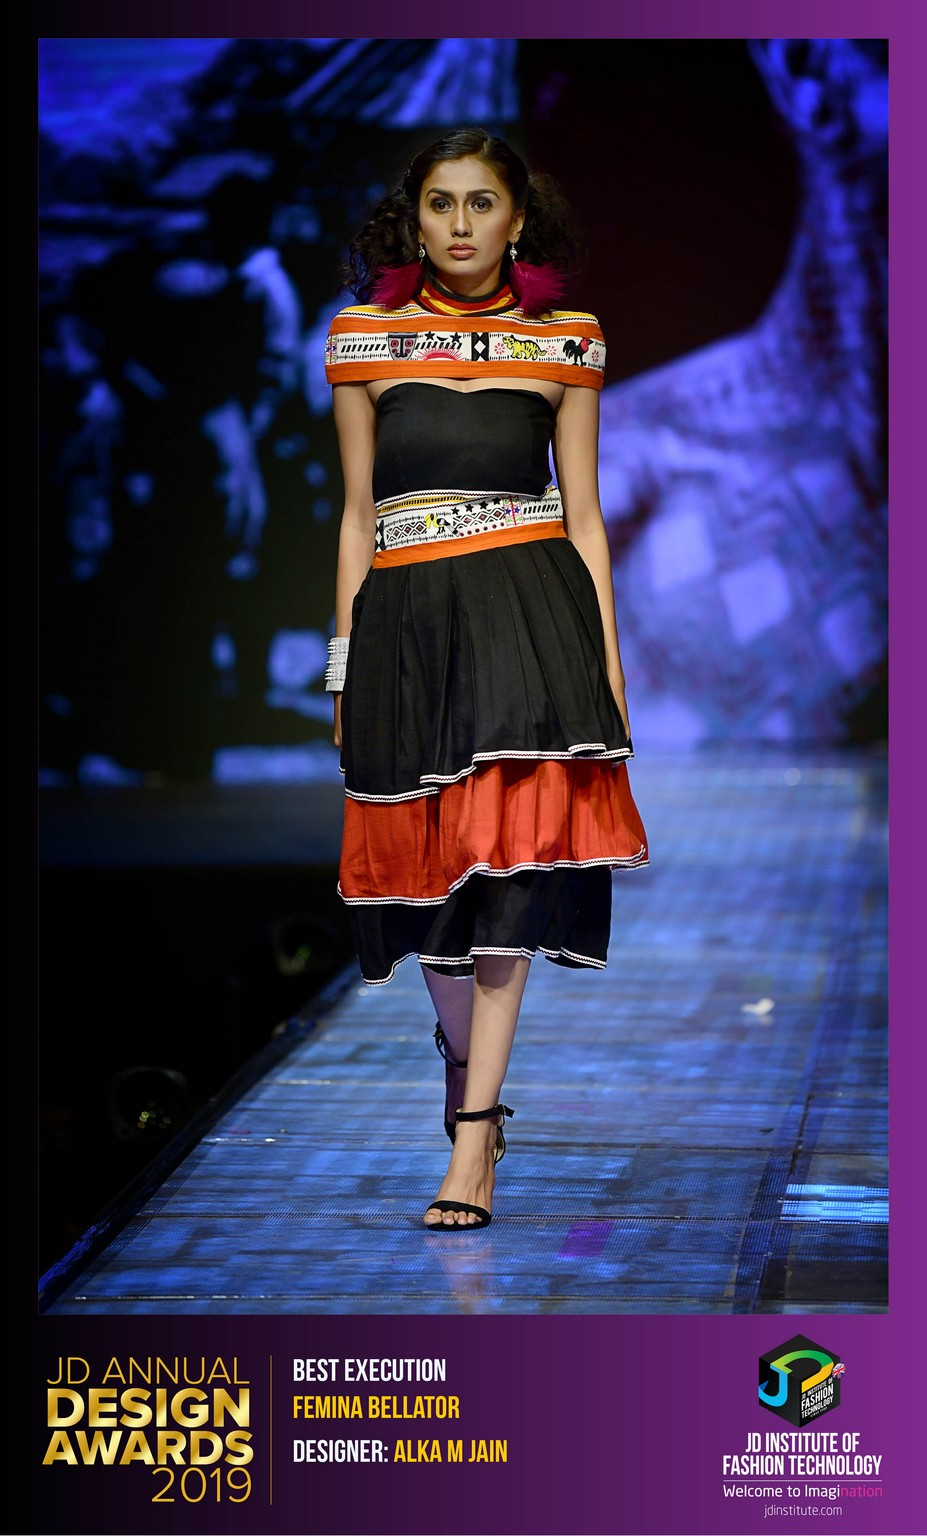 FEMINA BELLATOR - CURATOR - JDADA2019 femina bellator - FEMINA BELLATOR 6 - FEMINA BELLATOR – CURATOR – JDADA2019